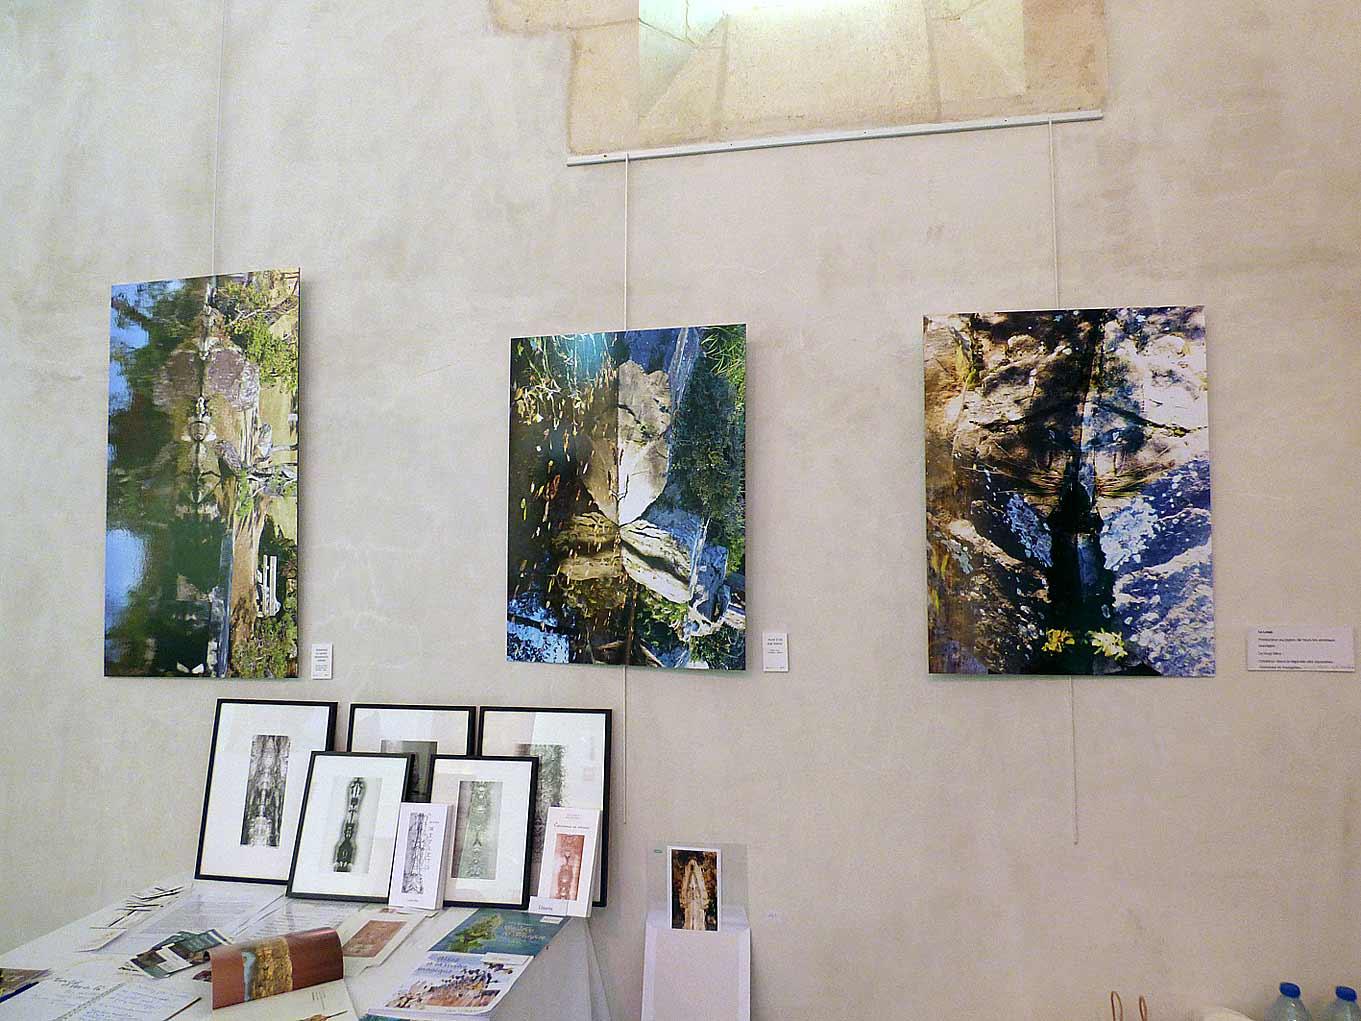 Mauves sur Loire Chapelle Alice Guilbaud expo François Chauvin